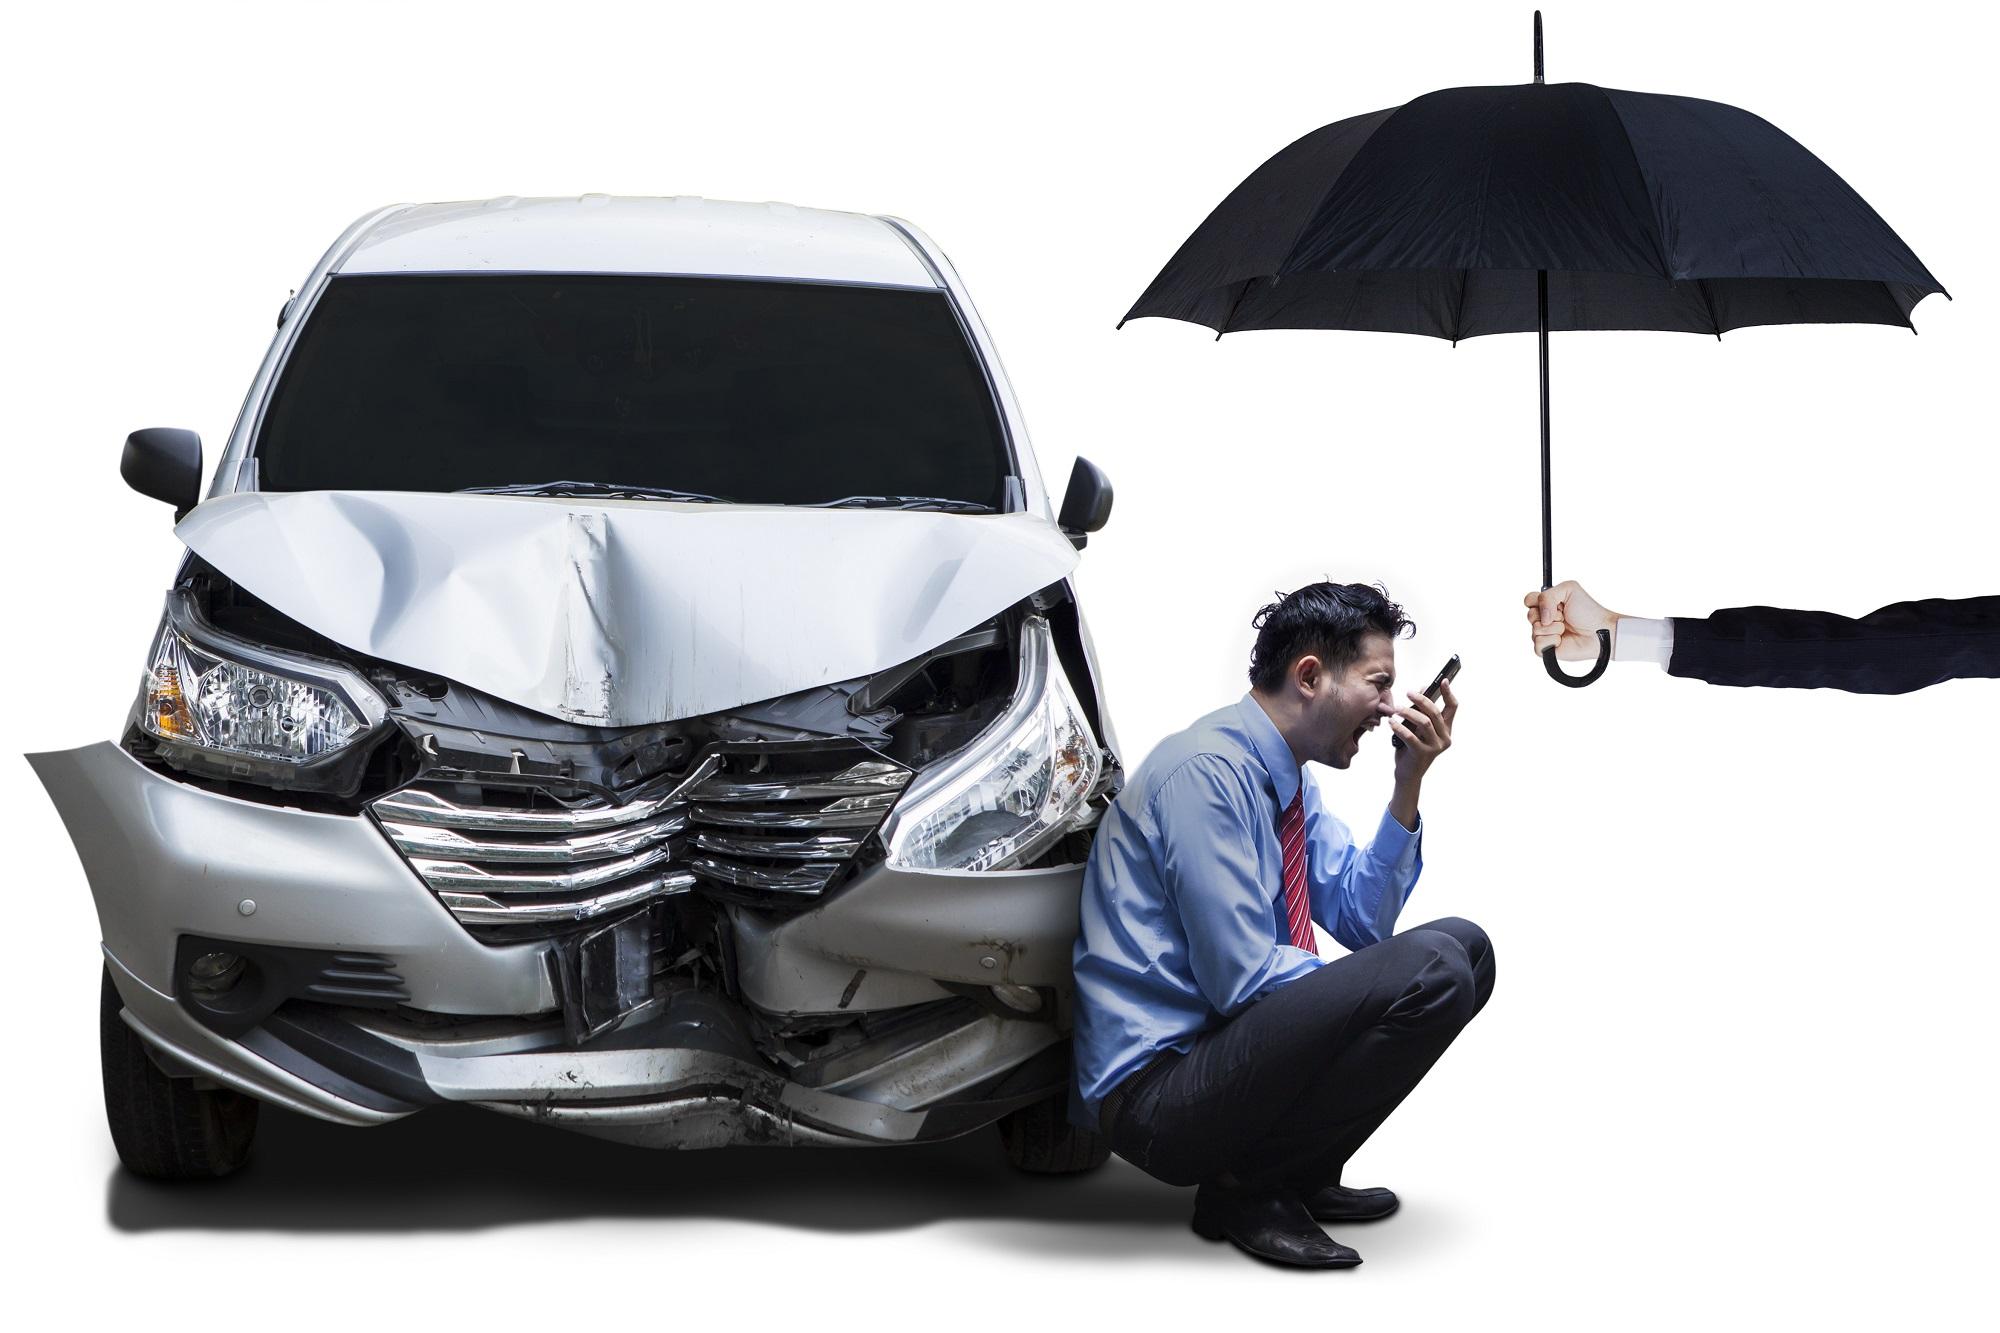 Pomoc ubezpieczenia w wypadku